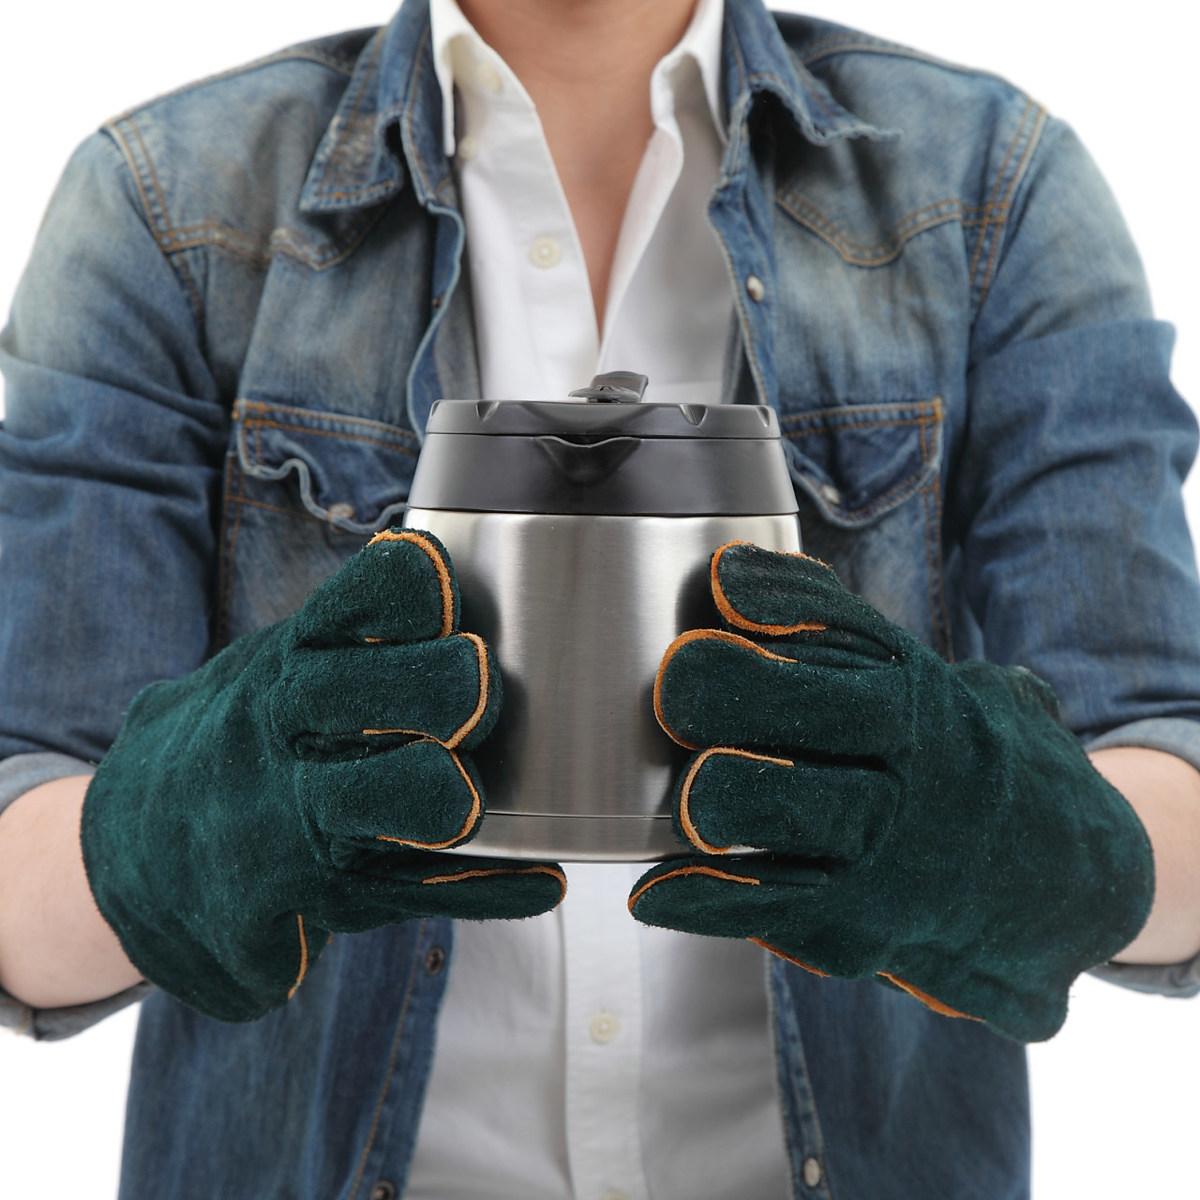 カッコよく安全にスマートに 革手 皮手 推奨 耐熱 アウトドア 耐熱グローブ 耐熱手袋 保護手袋 アウトドアー セミロング 今だけ限定15%OFFクーポン発行中 レザー ダッチオーブン 火起こし まきストーブ 暖炉 BBQ 牛革 手袋